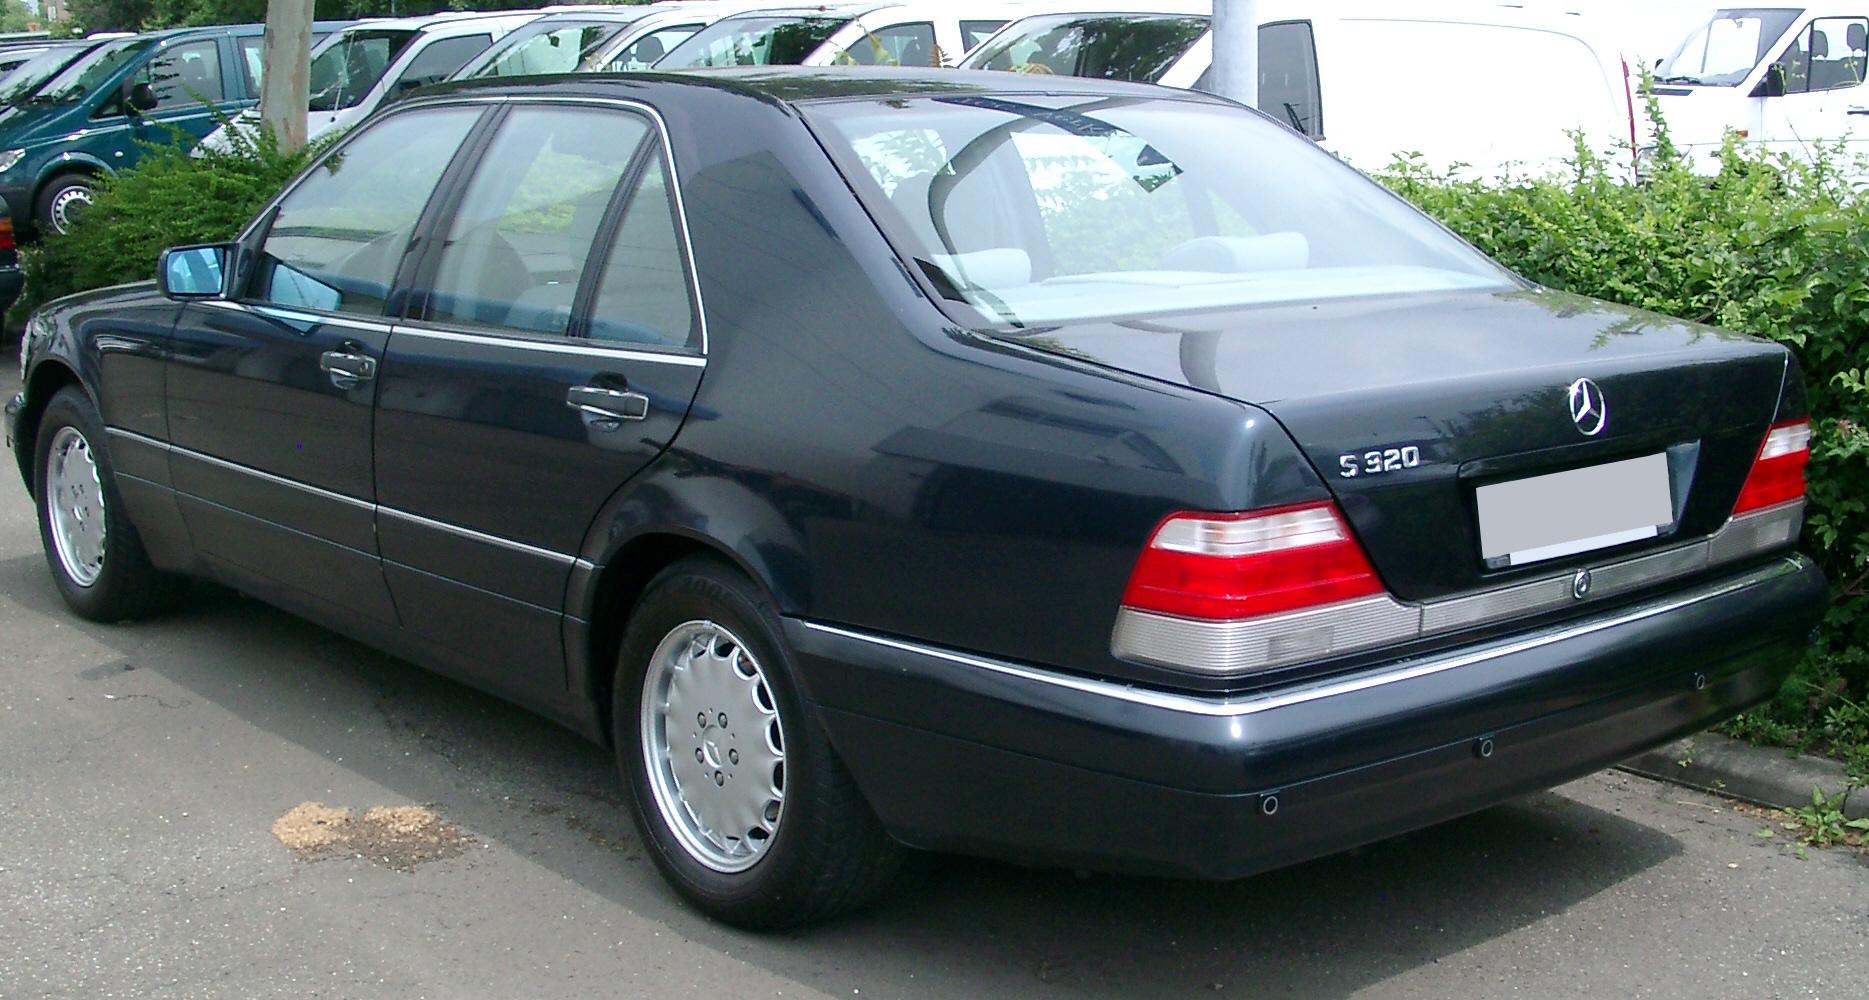 File:Mercedes W140 rear 20070609.jpg